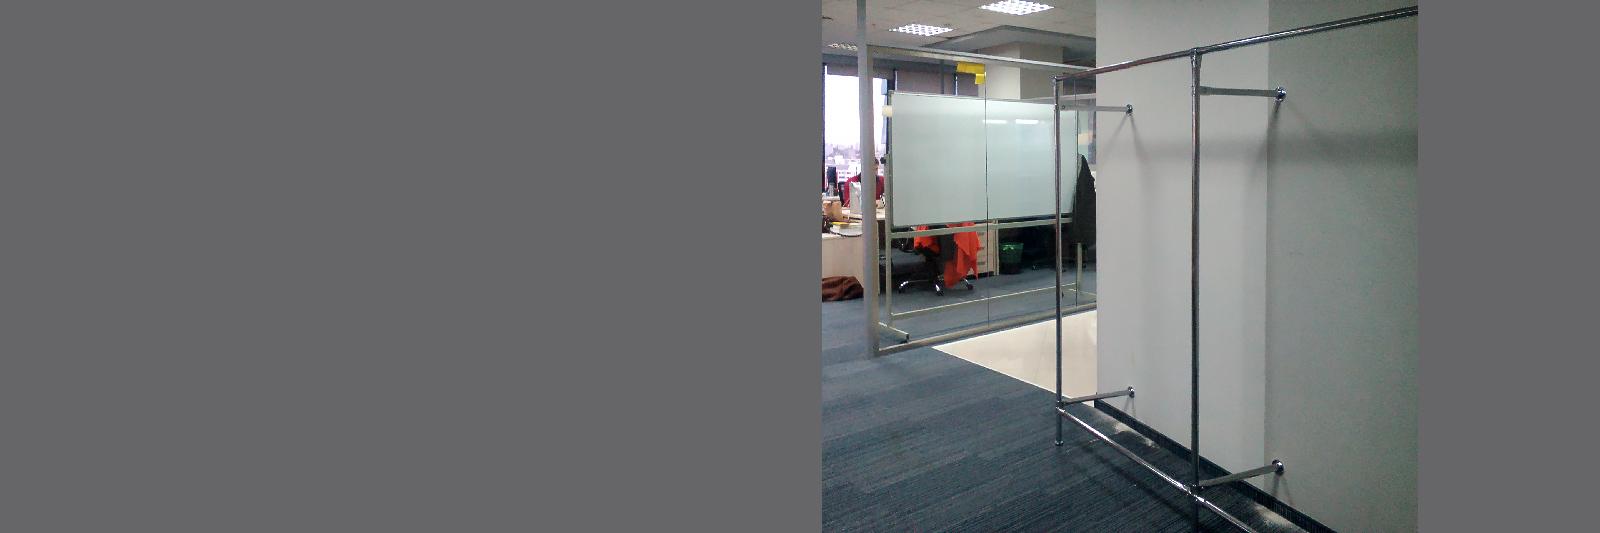 Офисная раздевалка с металлокаркасом